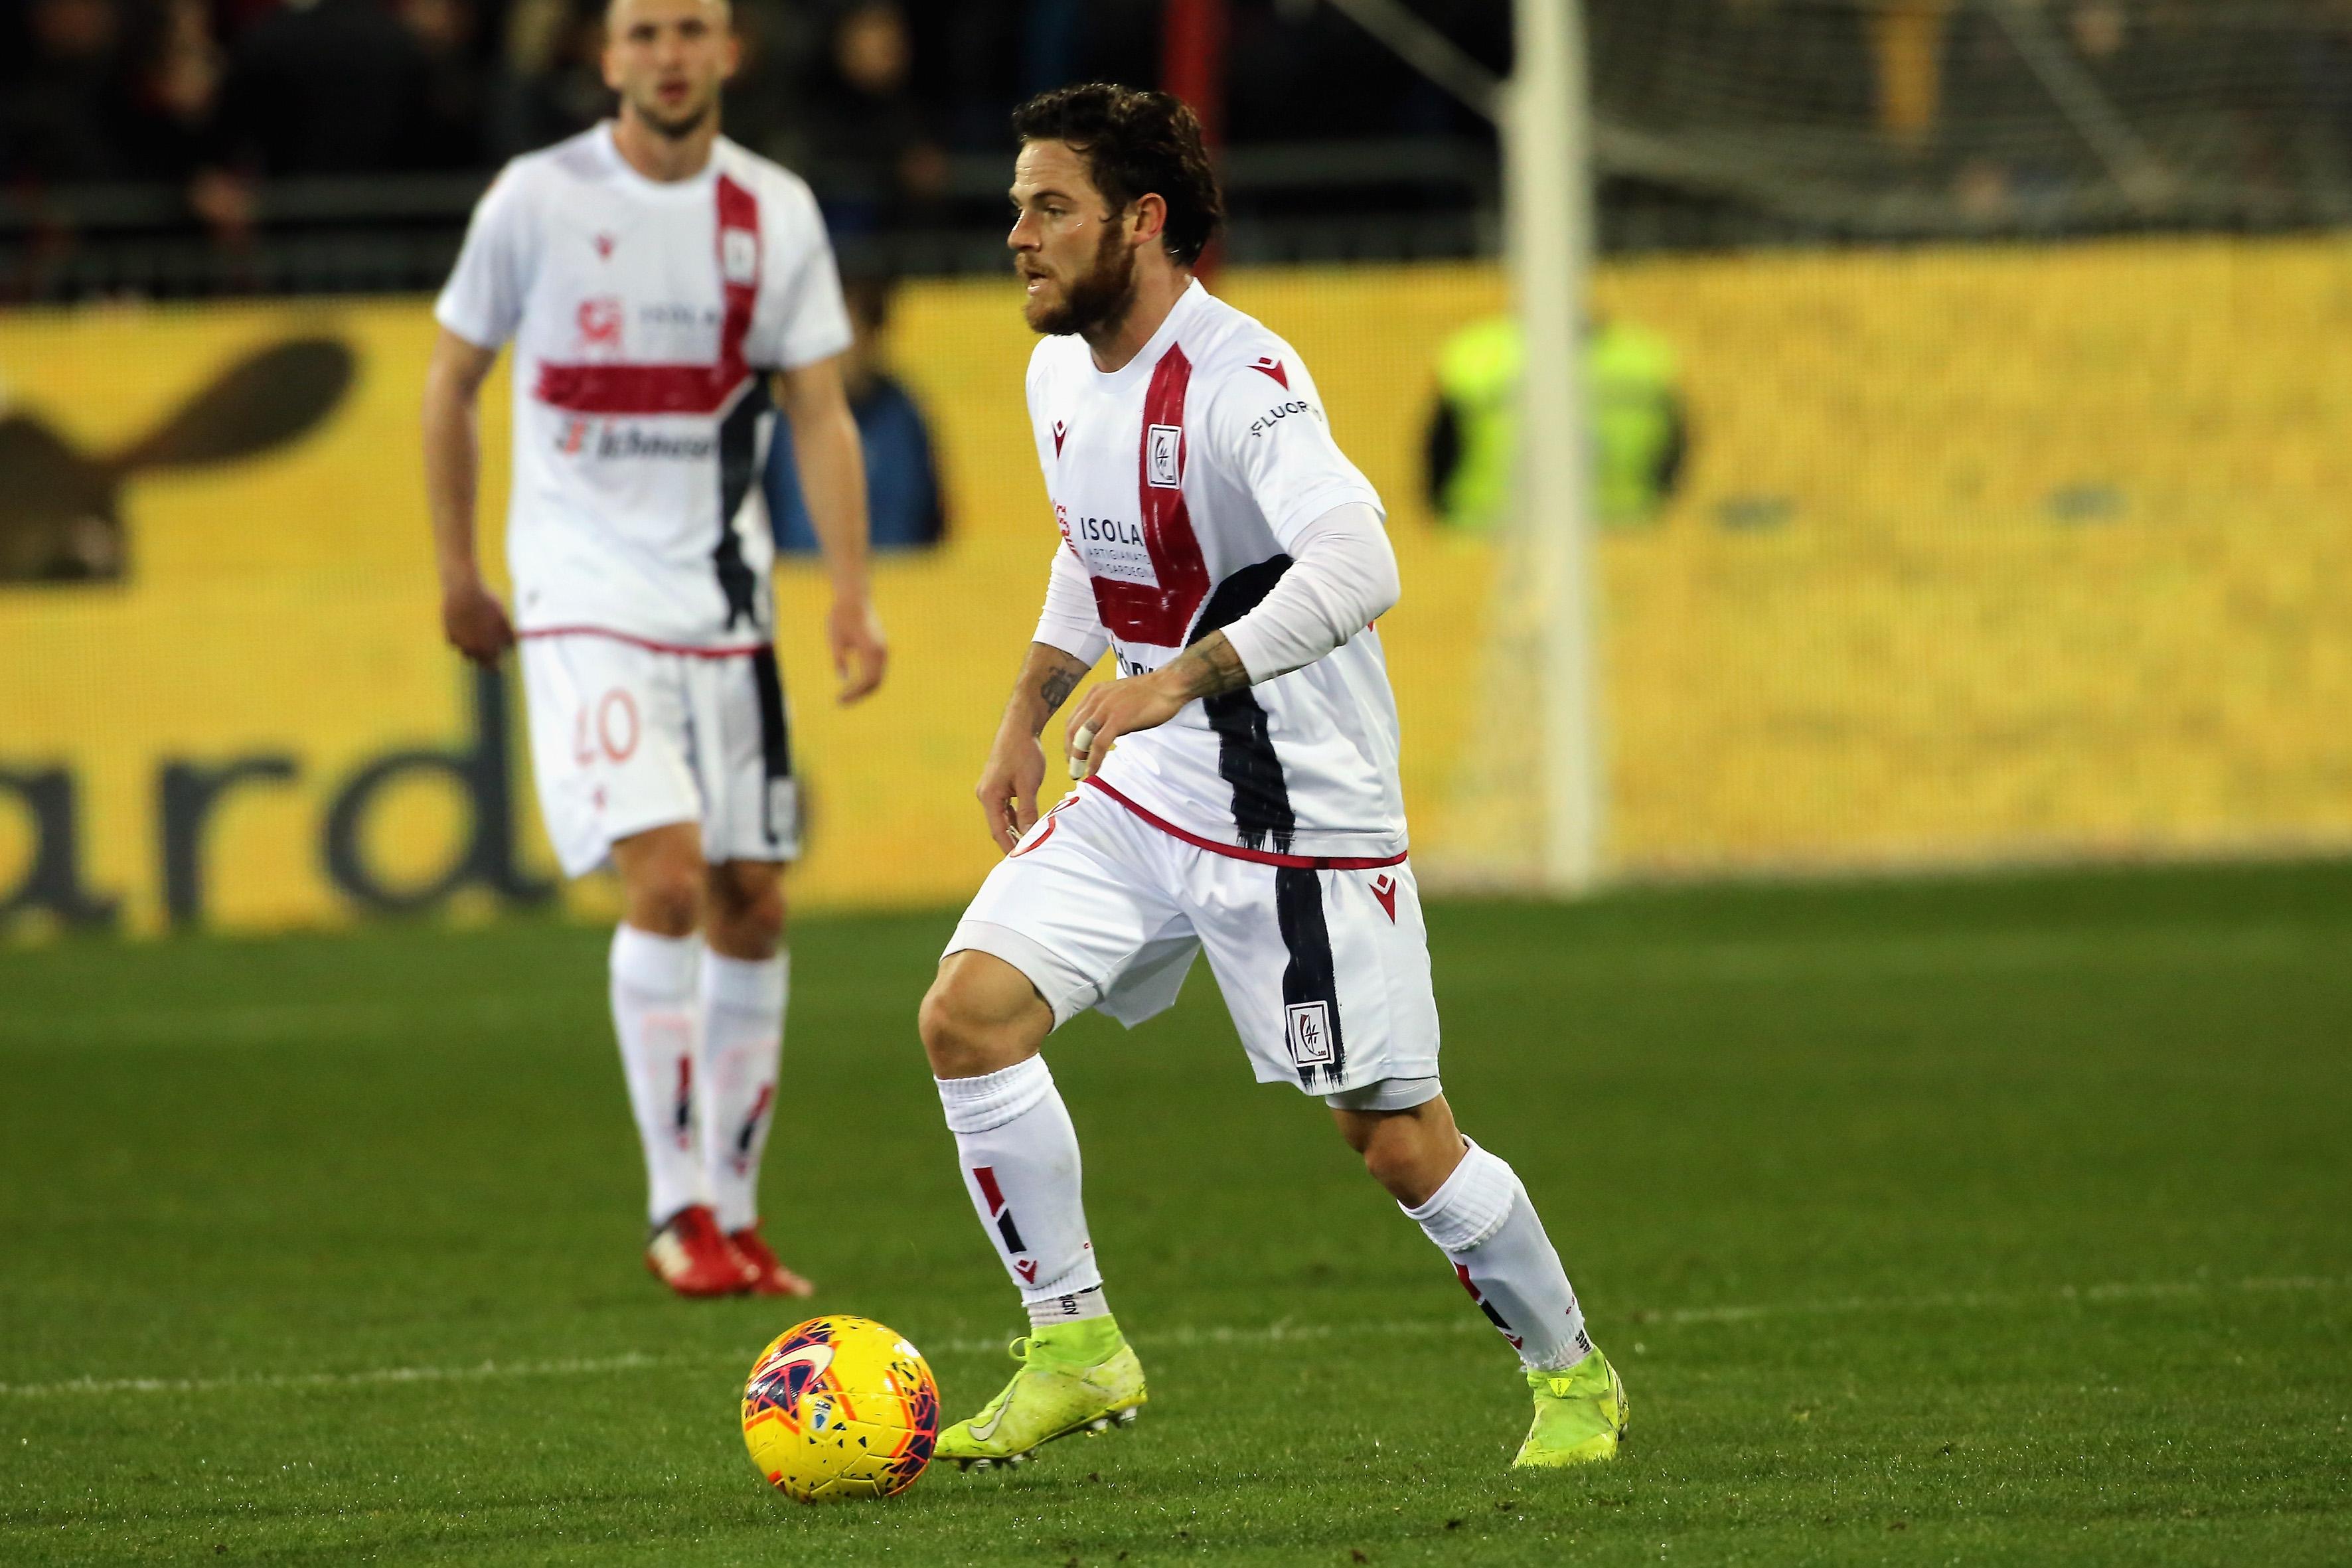 Cagliari-calcio-v-ssc-napoli-serie-a